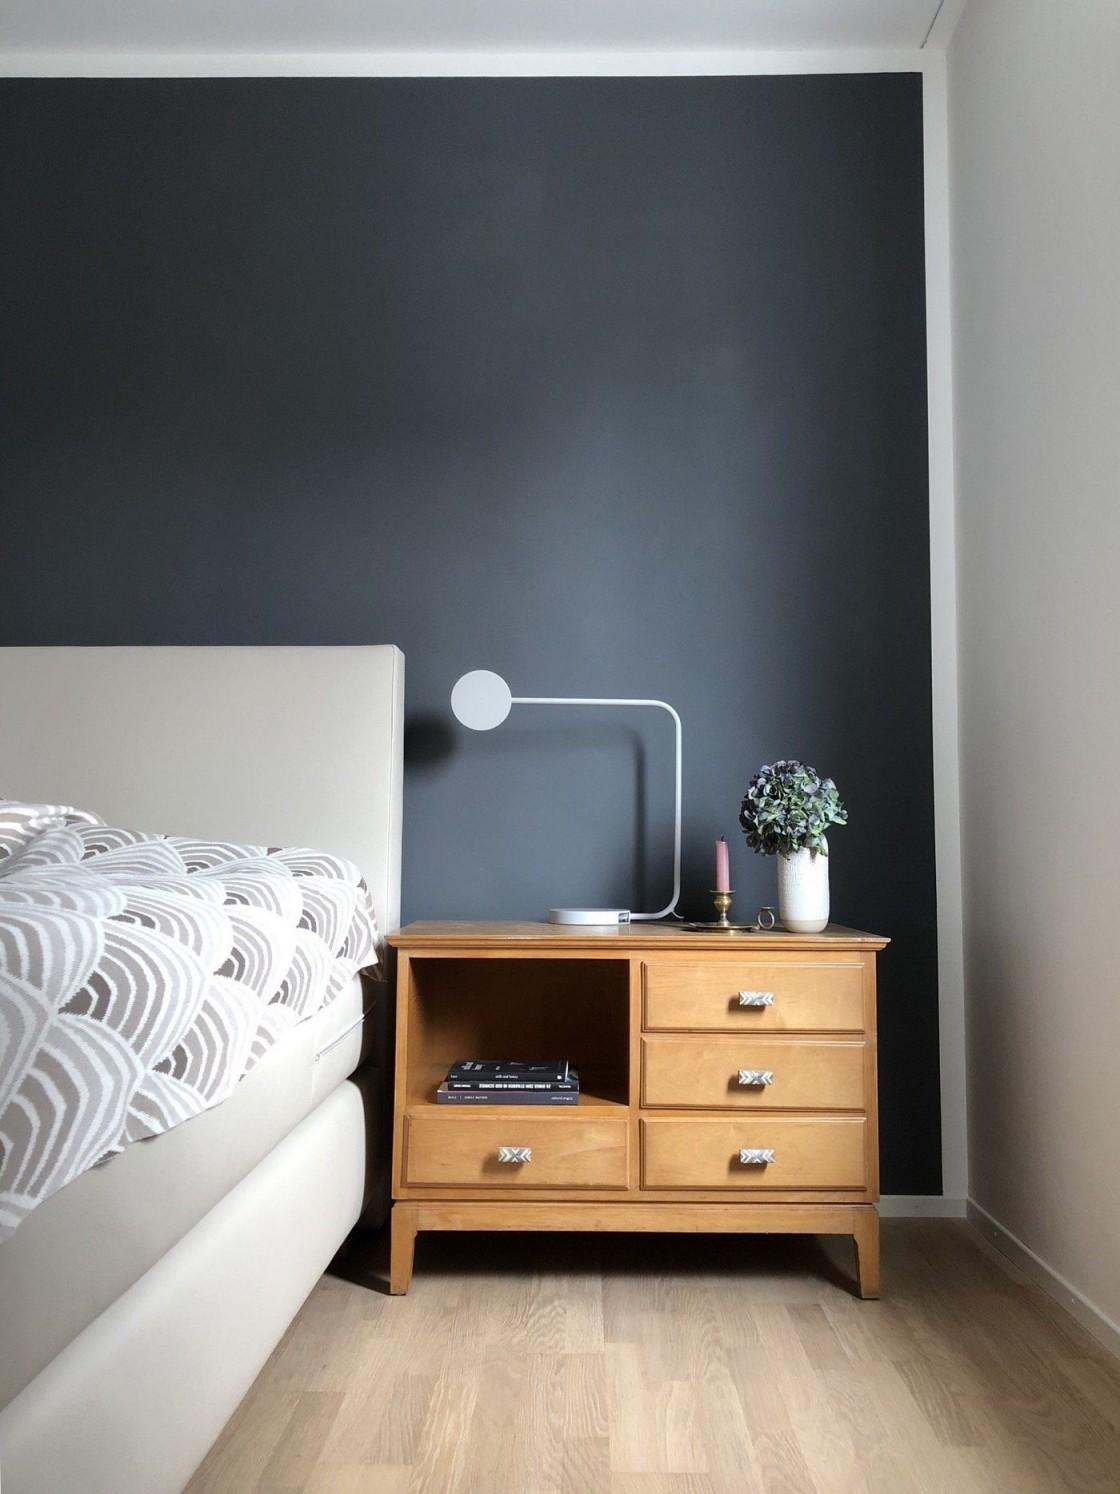 Die Schönsten Ideen Für Die Wandfarbe Im Schlafzimmer  Seite 2 von Wandfarben Ideen Schlafzimmer Photo